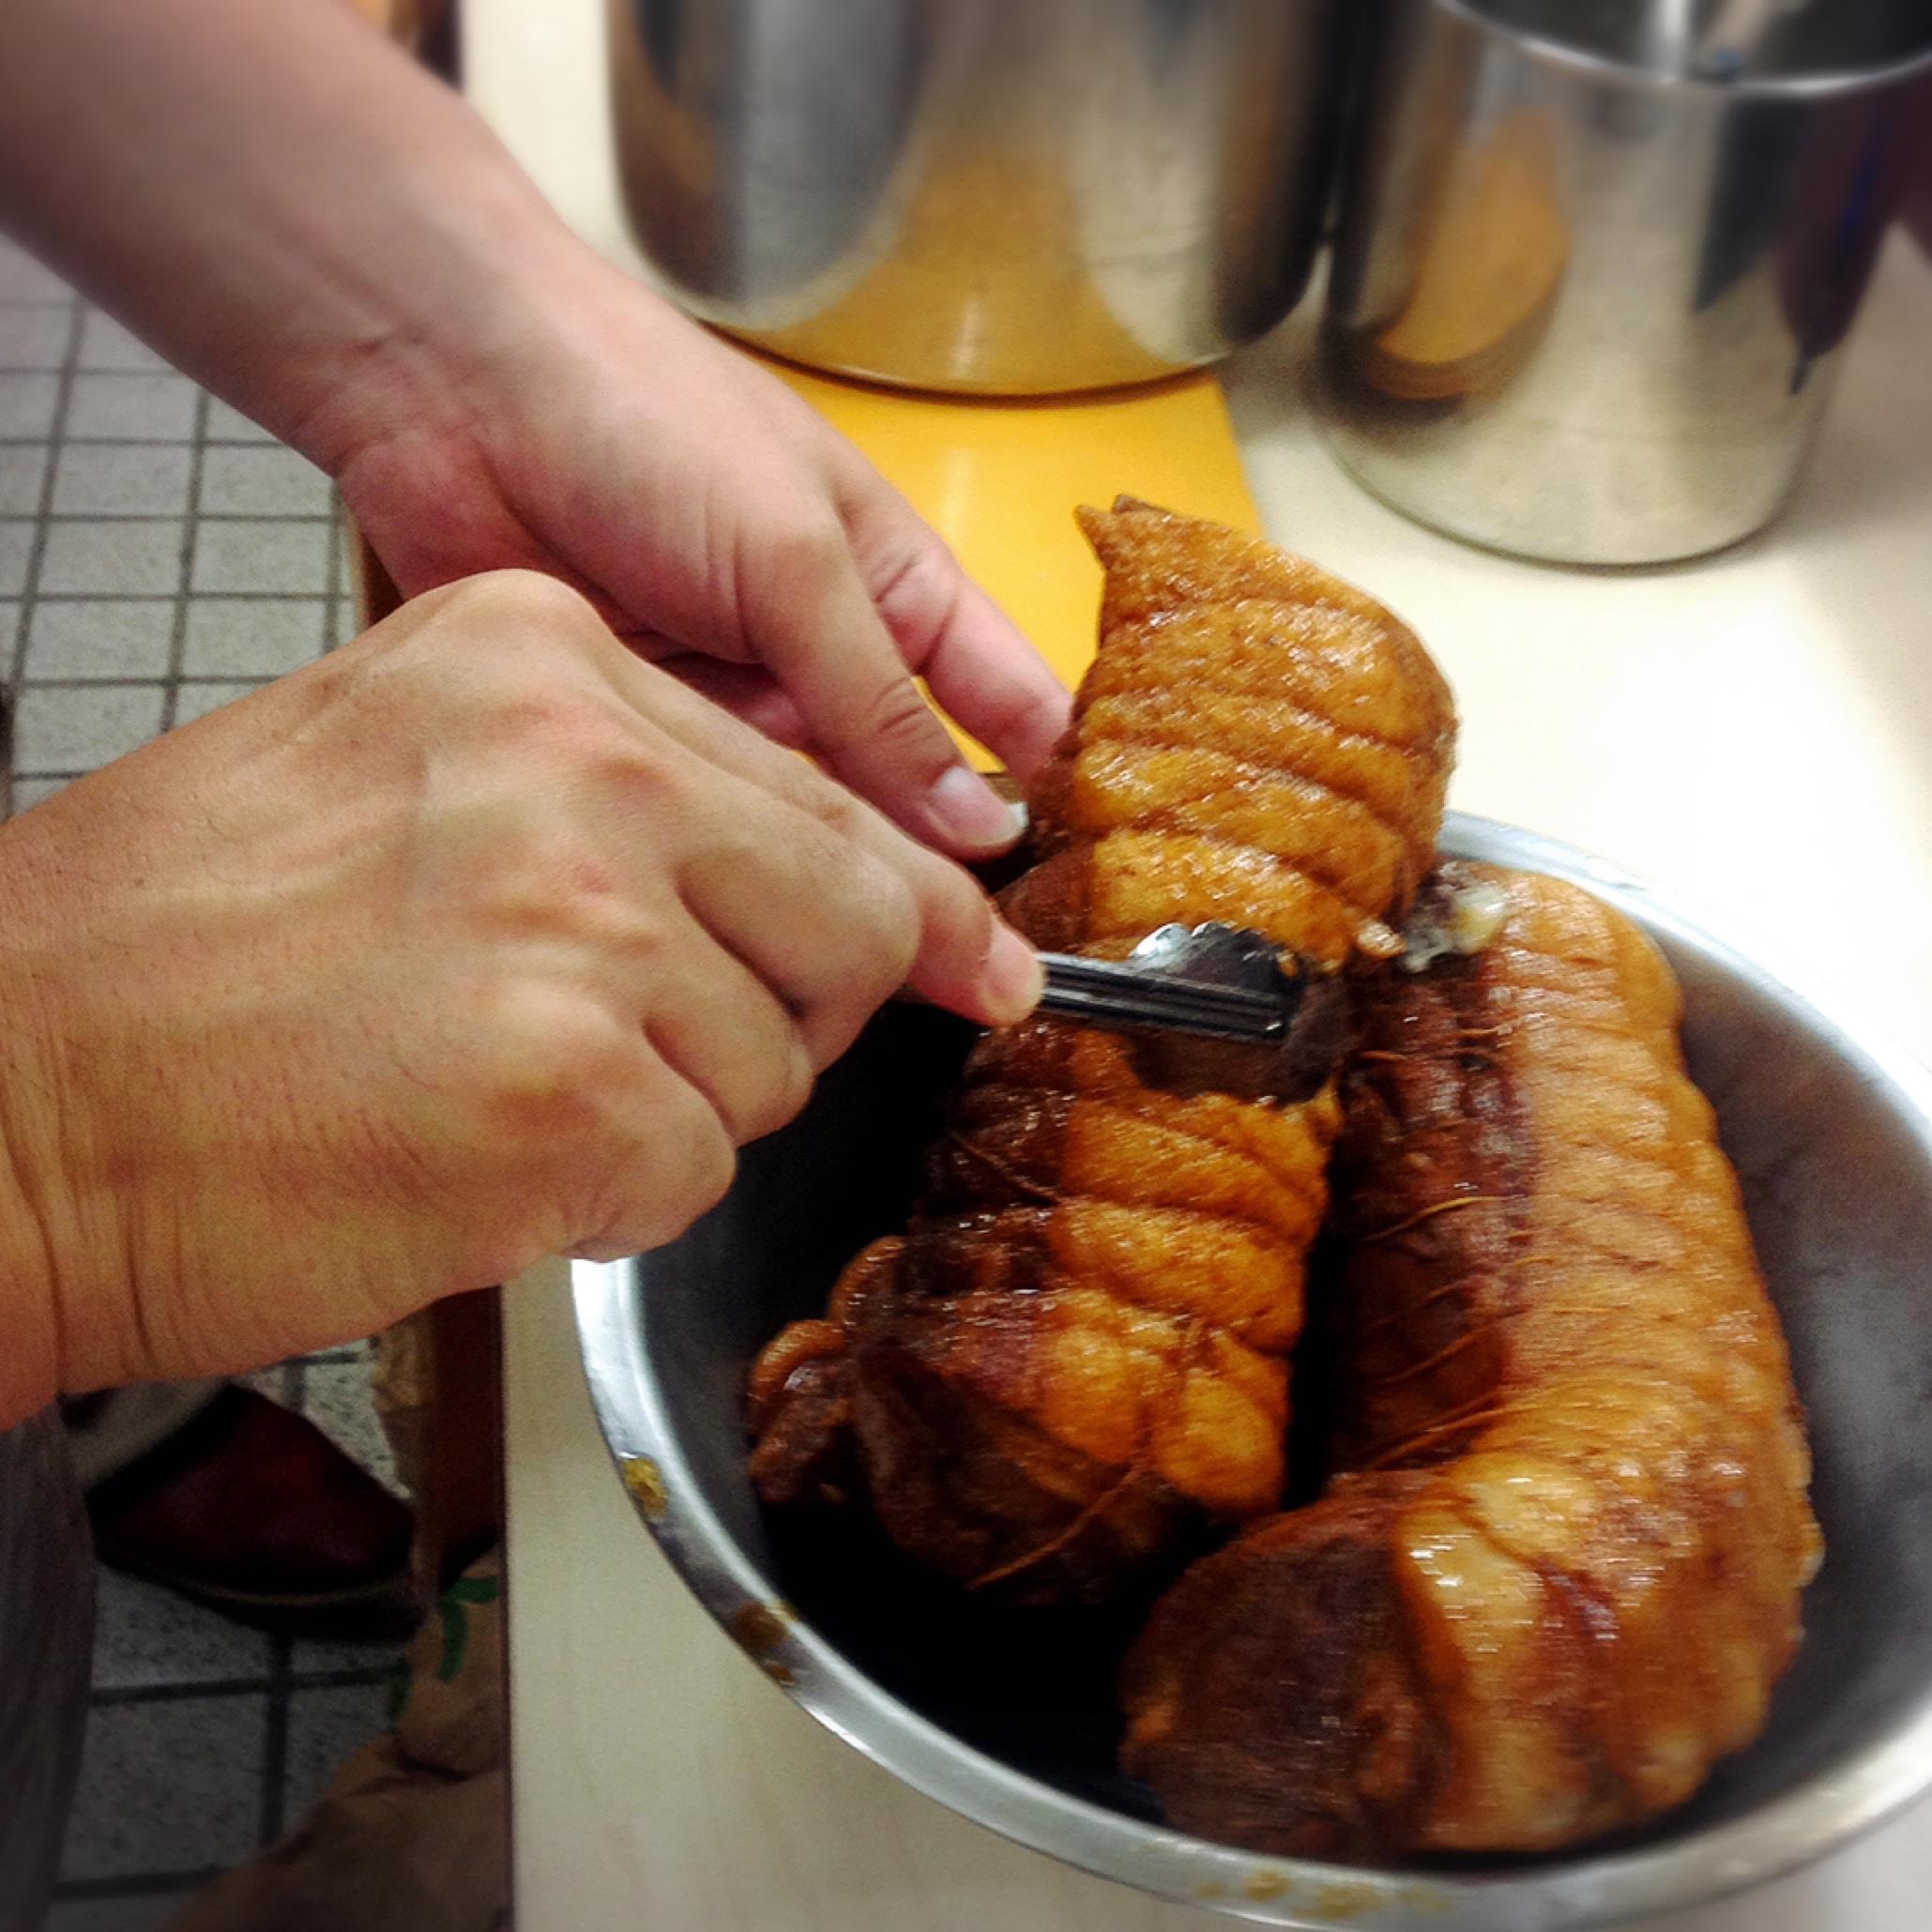 チャーシュー煮えました。鳥居式らーめん塾味創り実習中 東京都中野区新井2−20−9